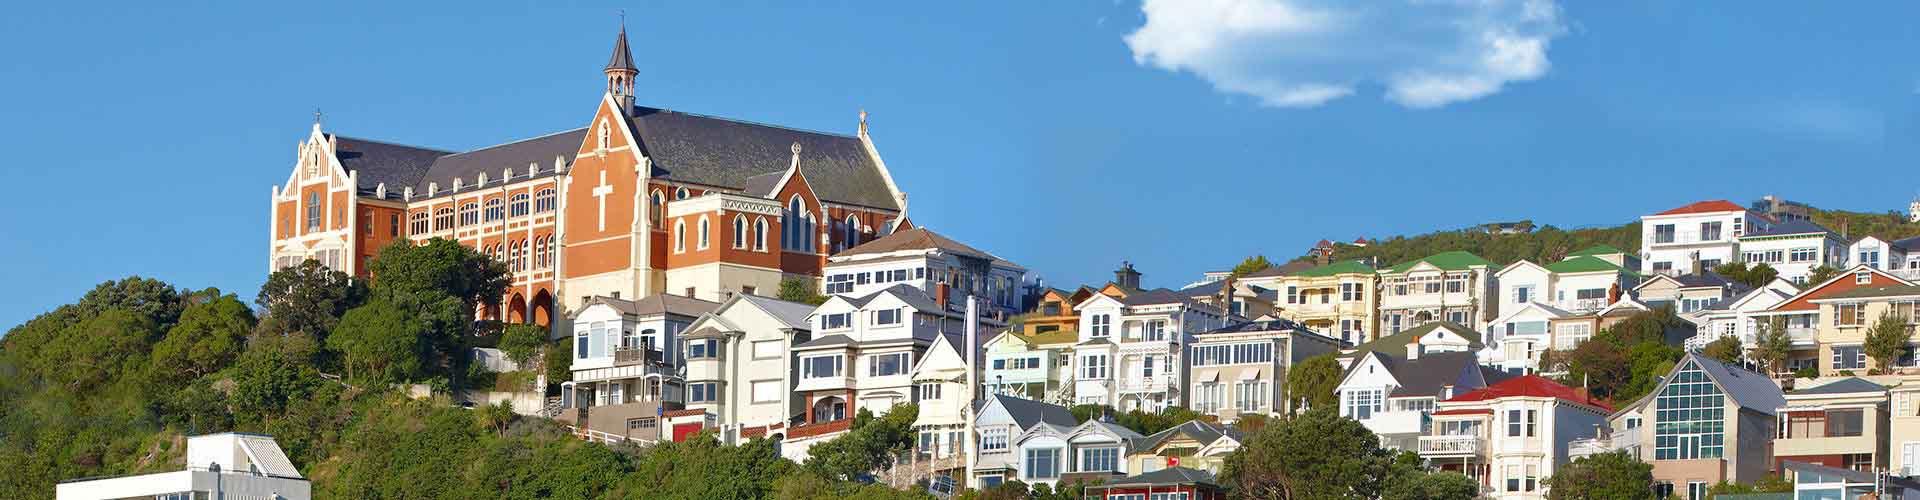 Wellington - Hostelů v Wellington. Mapy pro Wellington, fotky a recenze pro každý hostel v Wellington.